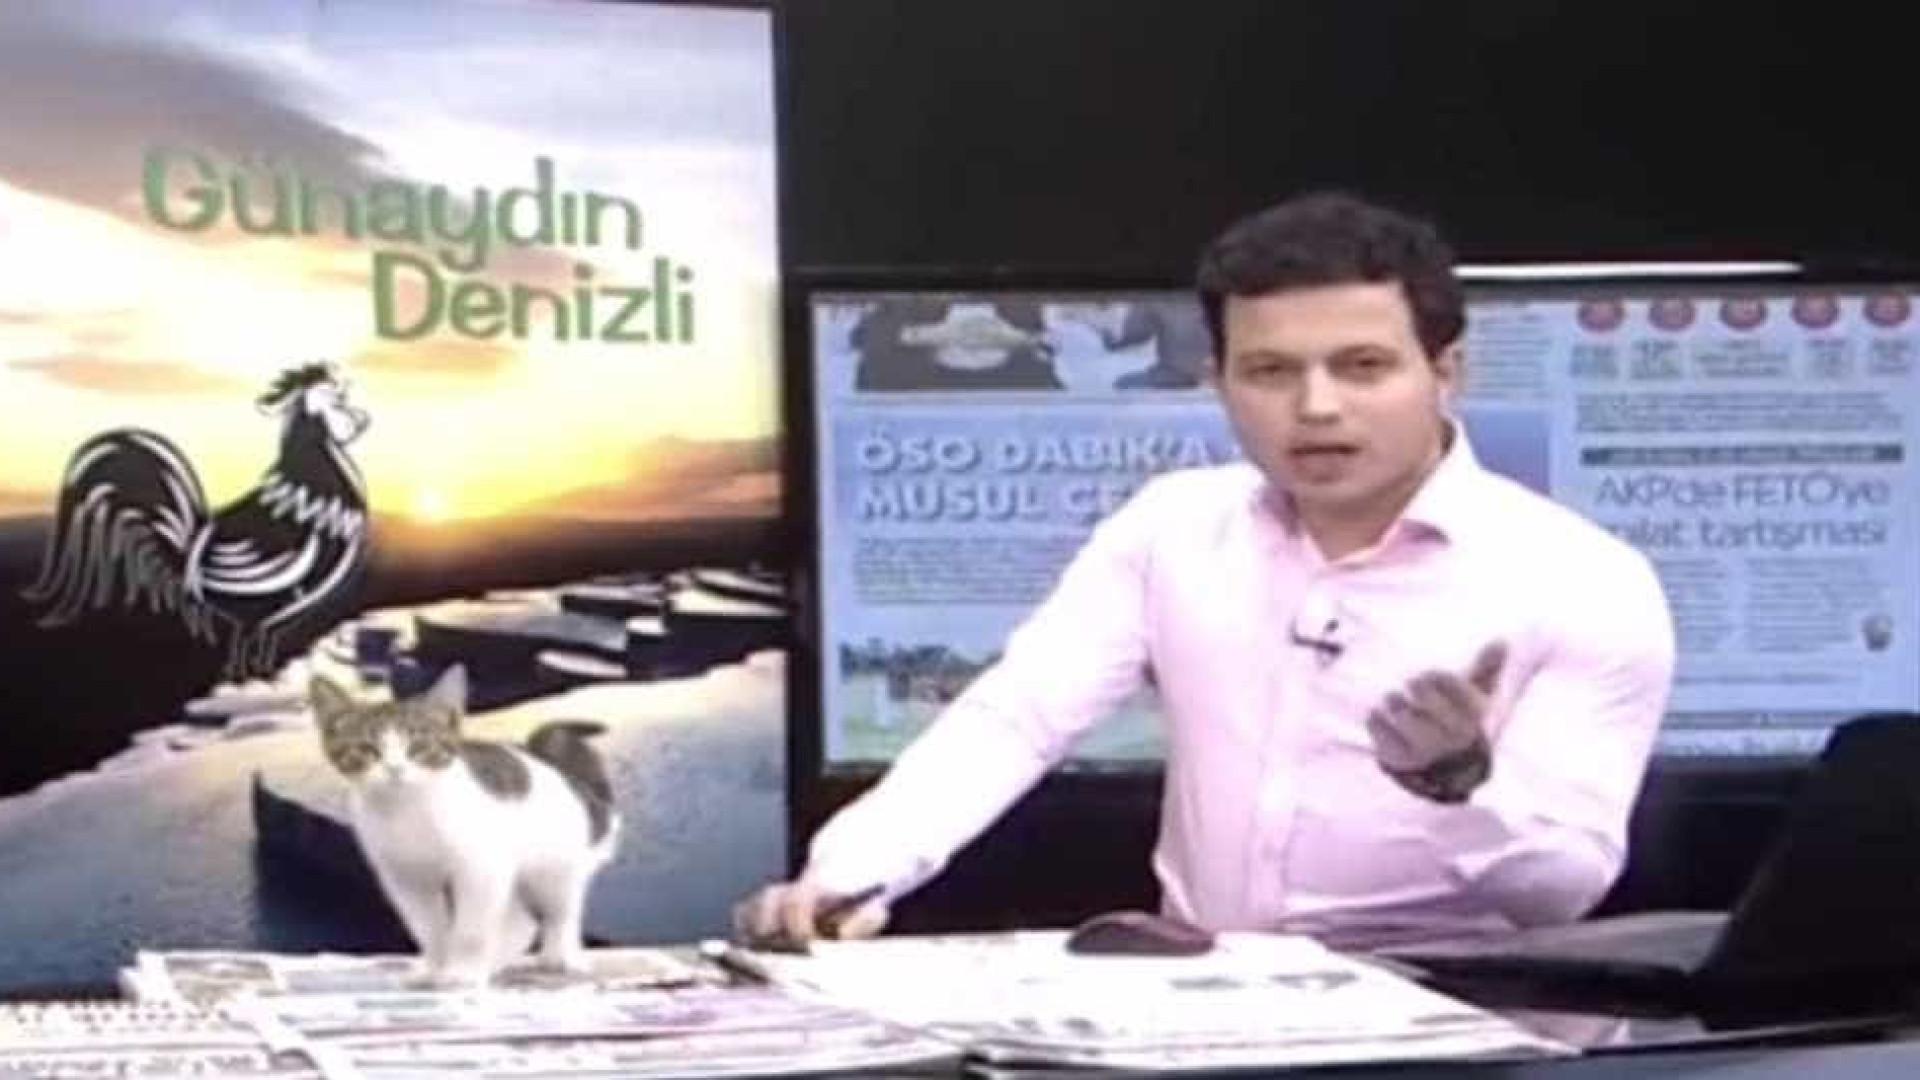 Gato vadio invade emissão da TV turca